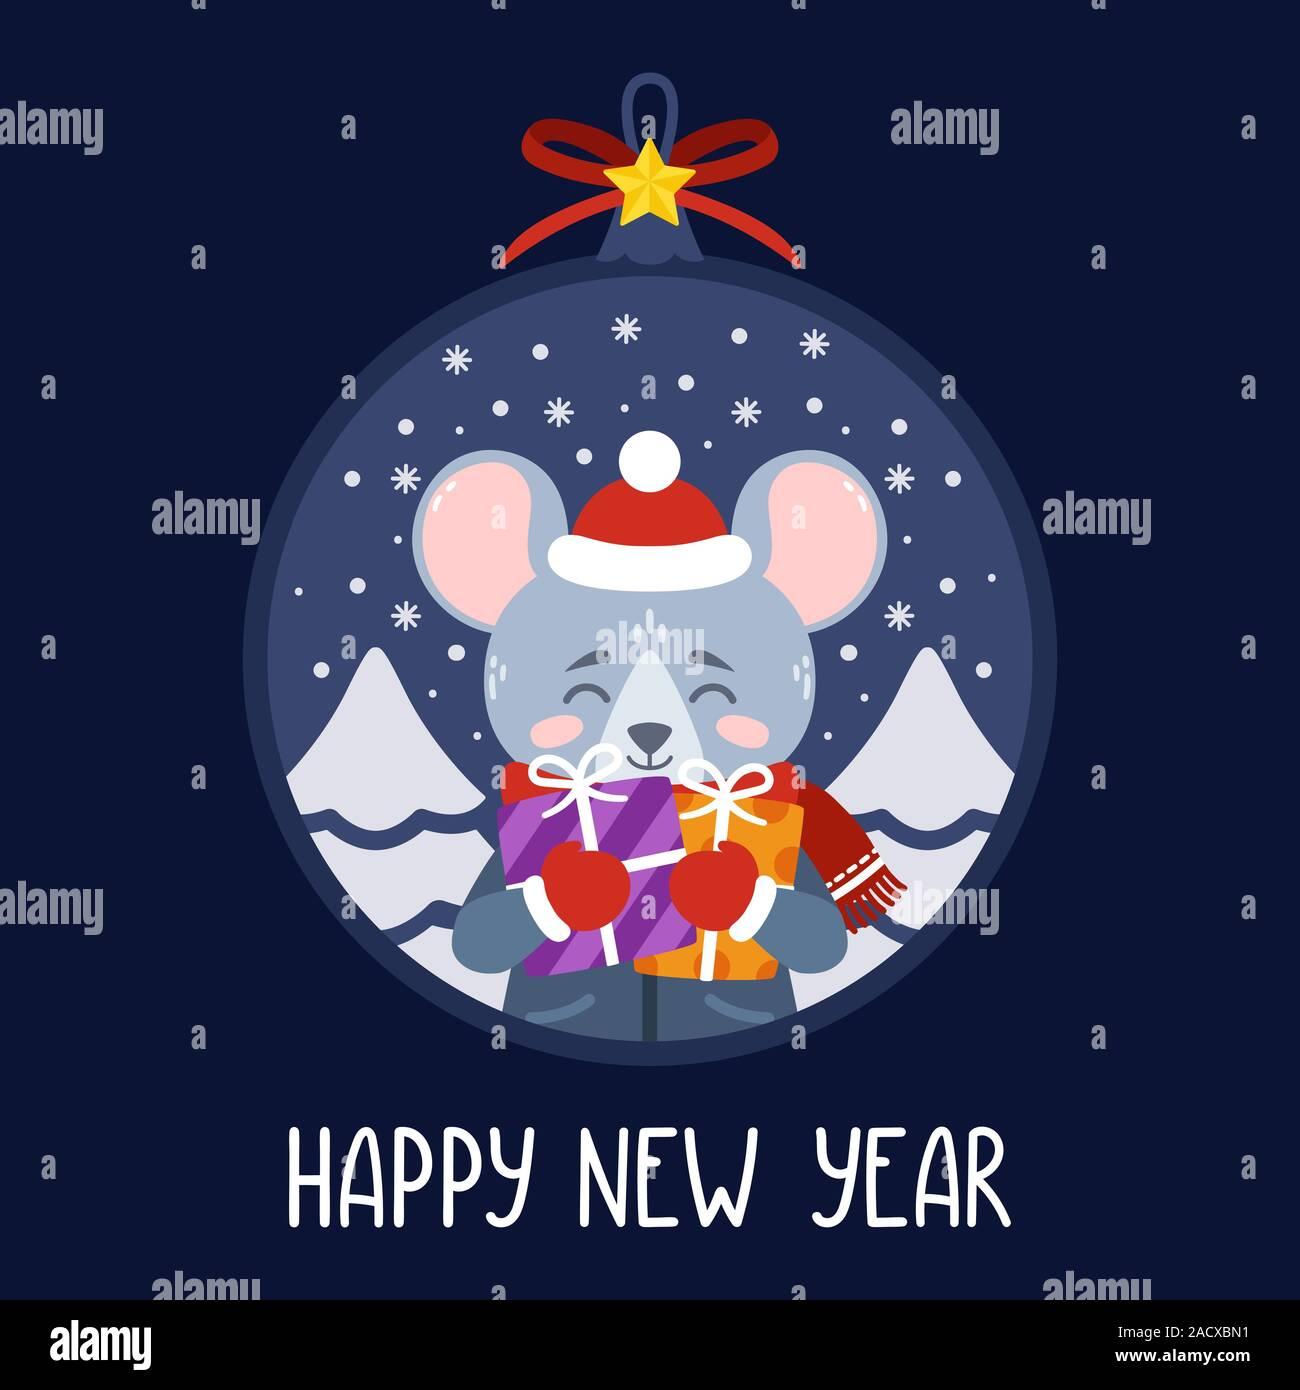 Boule de Noël avec l'image de rat holding gifts. Le symbole du Nouvel An chinois 2020. Carte de souhaits avec une souris pour le Nouvel An et de Noël Illustration de Vecteur